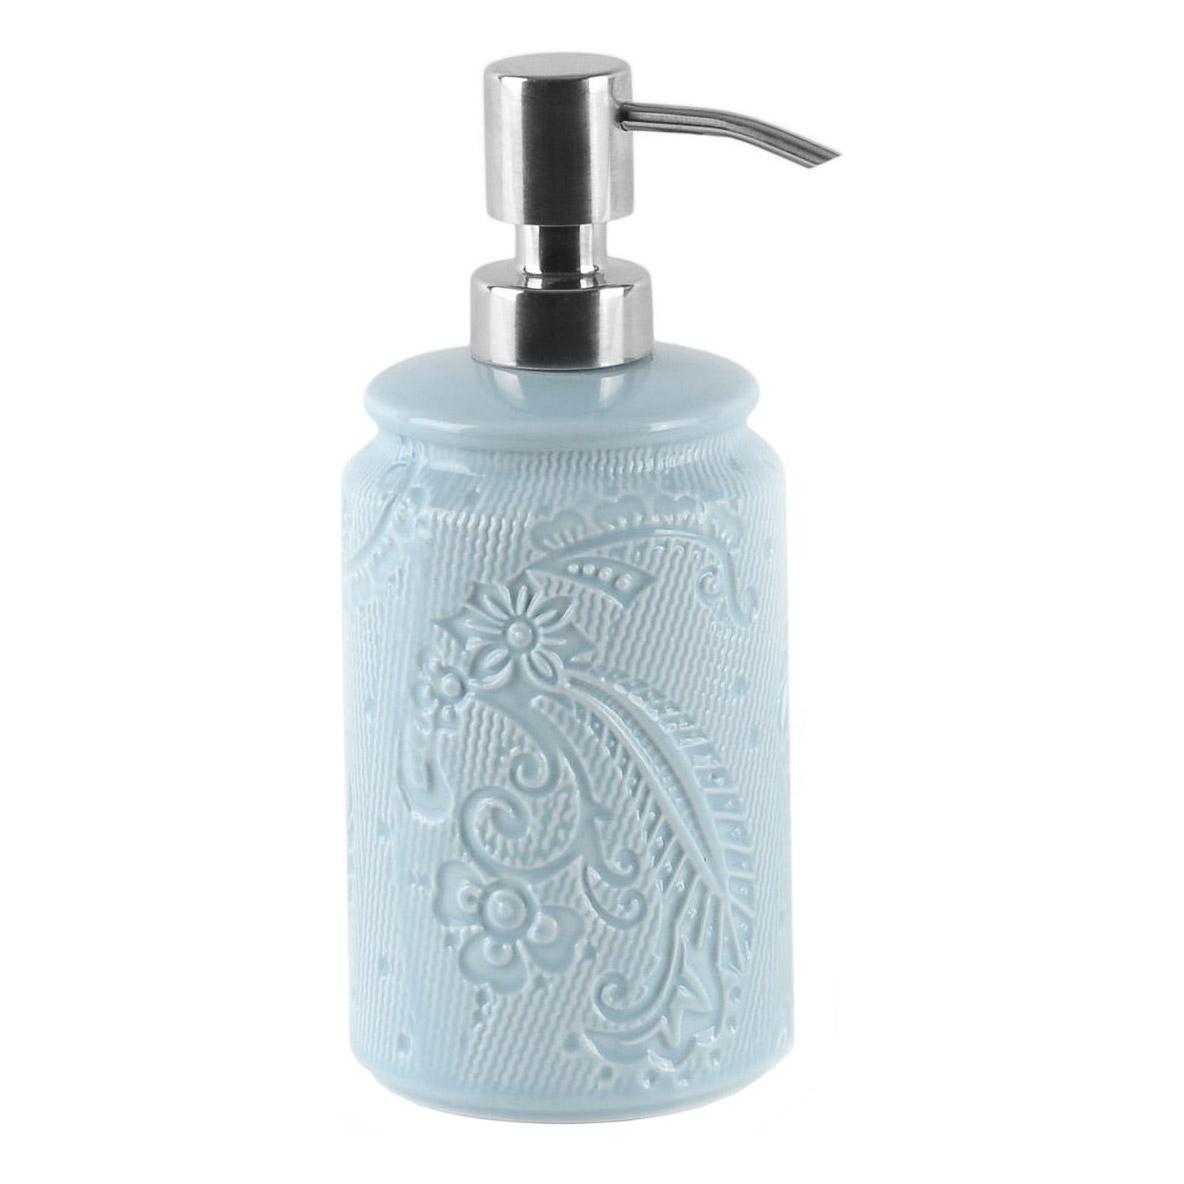 Купить Дозатор для жидкого мыла Wess, дозатор, голубой, керамика, металл